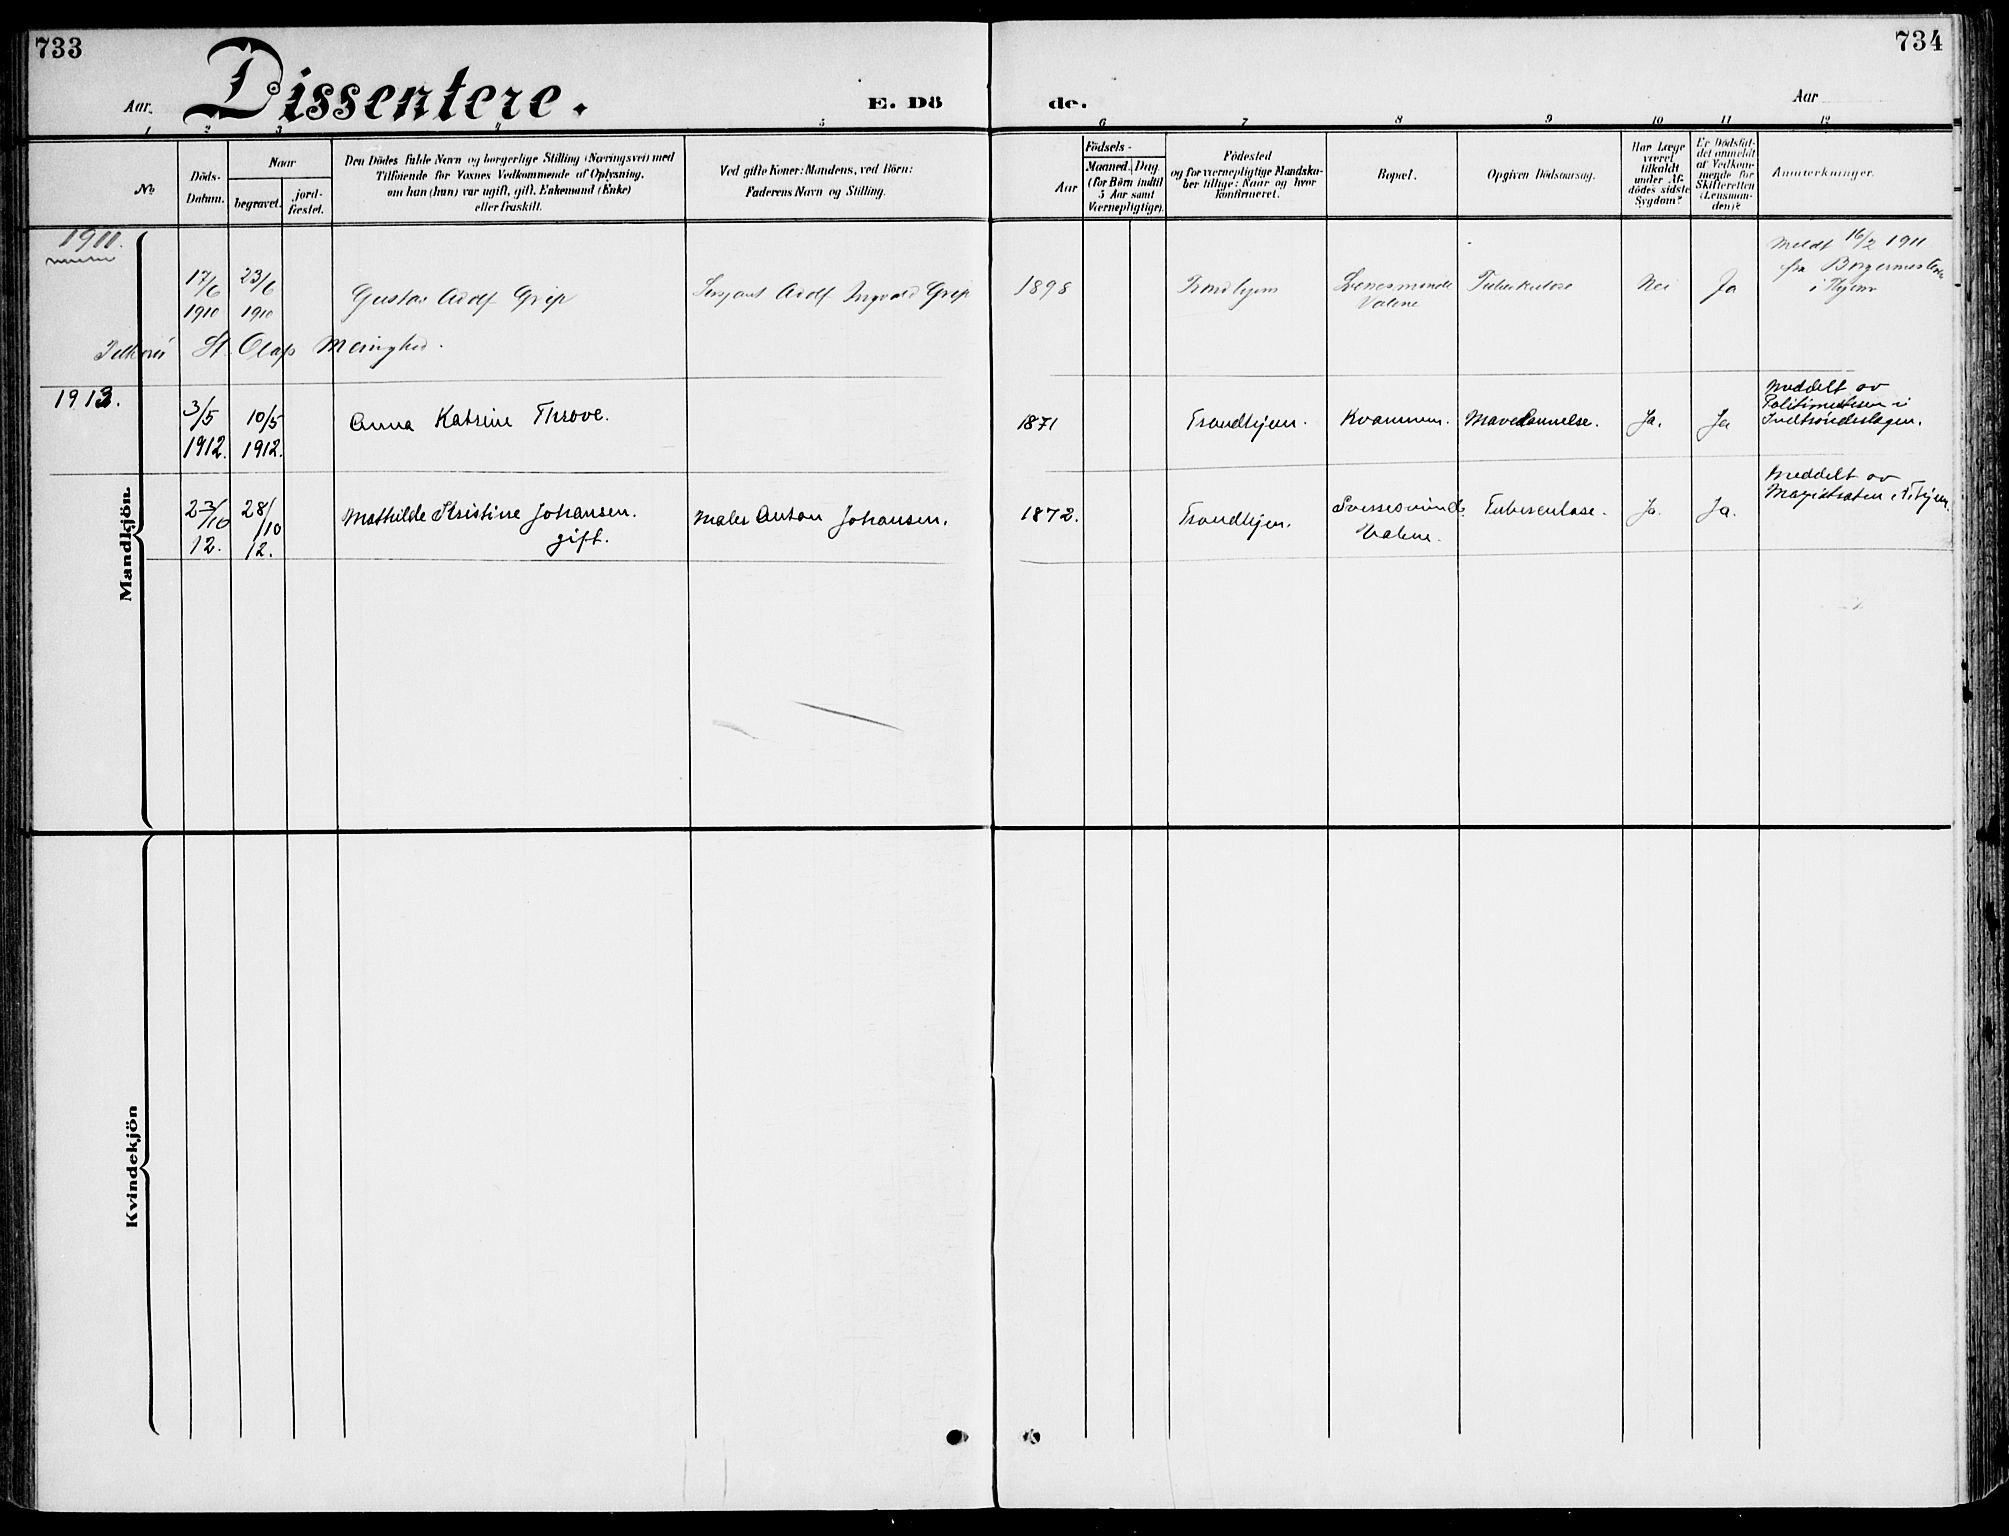 SAT, Ministerialprotokoller, klokkerbøker og fødselsregistre - Sør-Trøndelag, 607/L0320: Ministerialbok nr. 607A04, 1907-1915, s. 733-734